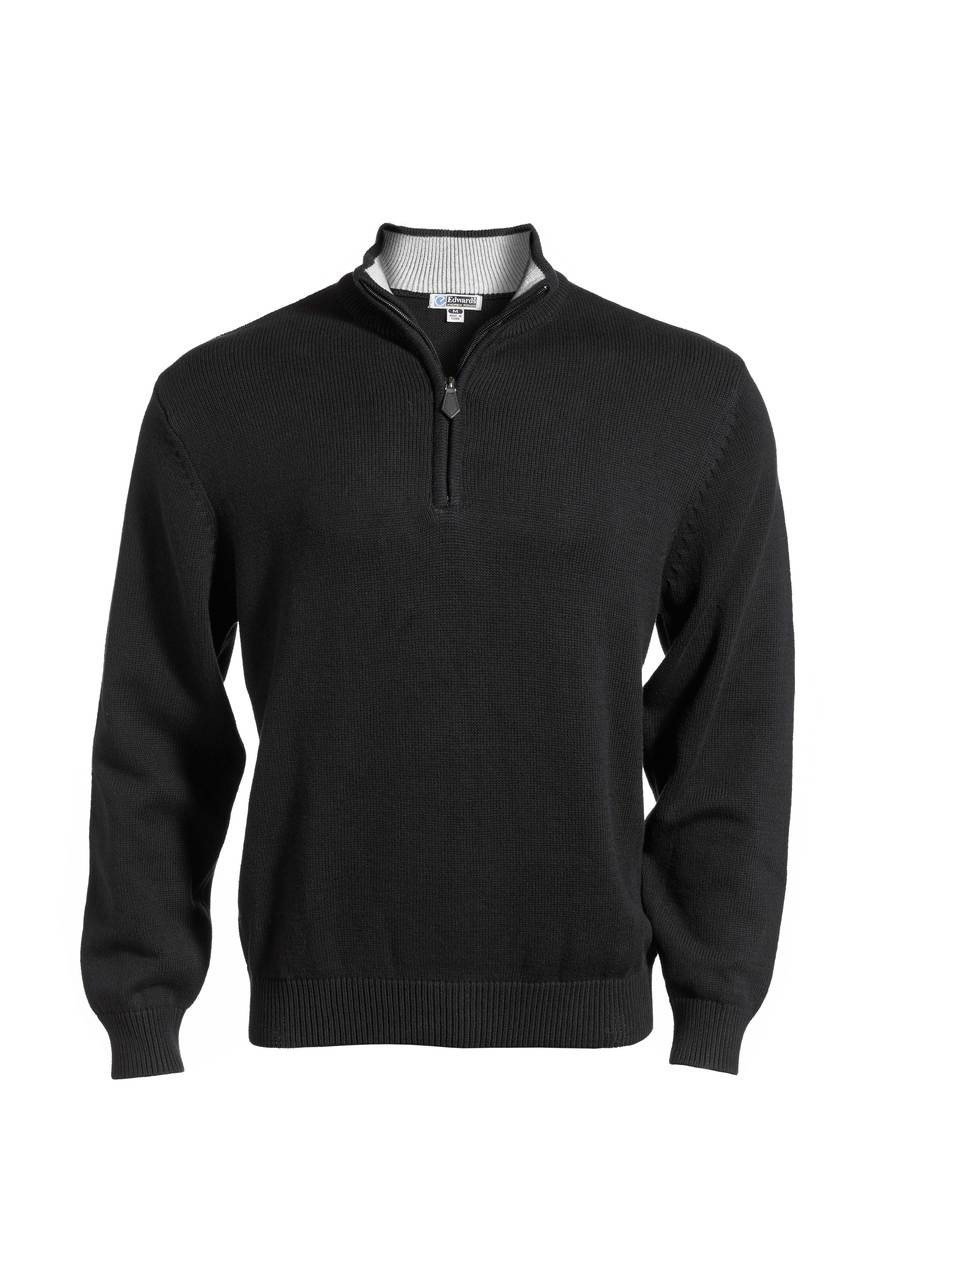 Black 1/4 zip sweatshirt